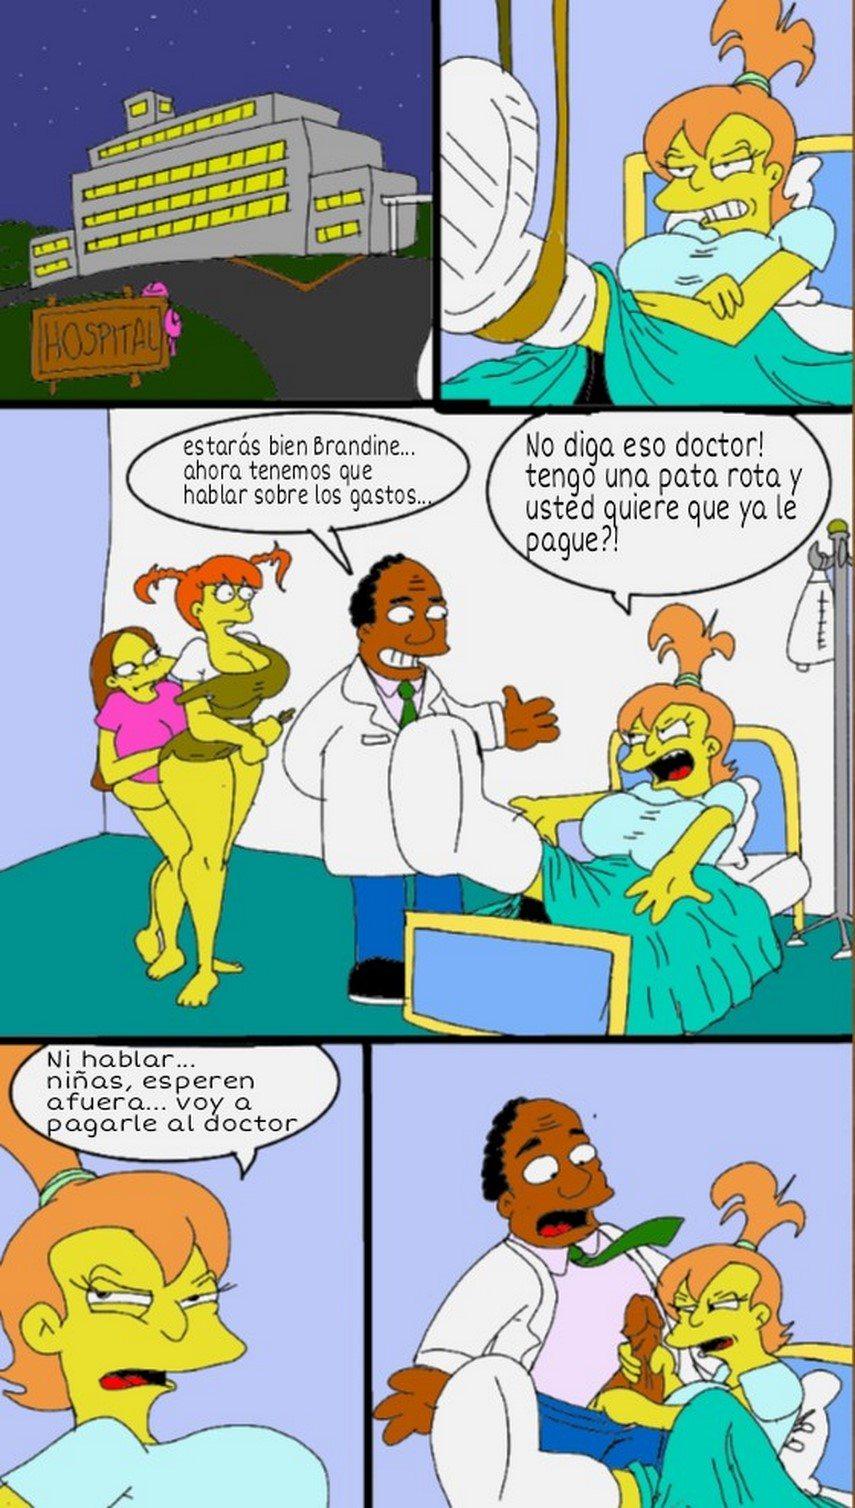 las-spucklers-visita-hospitalaria 5